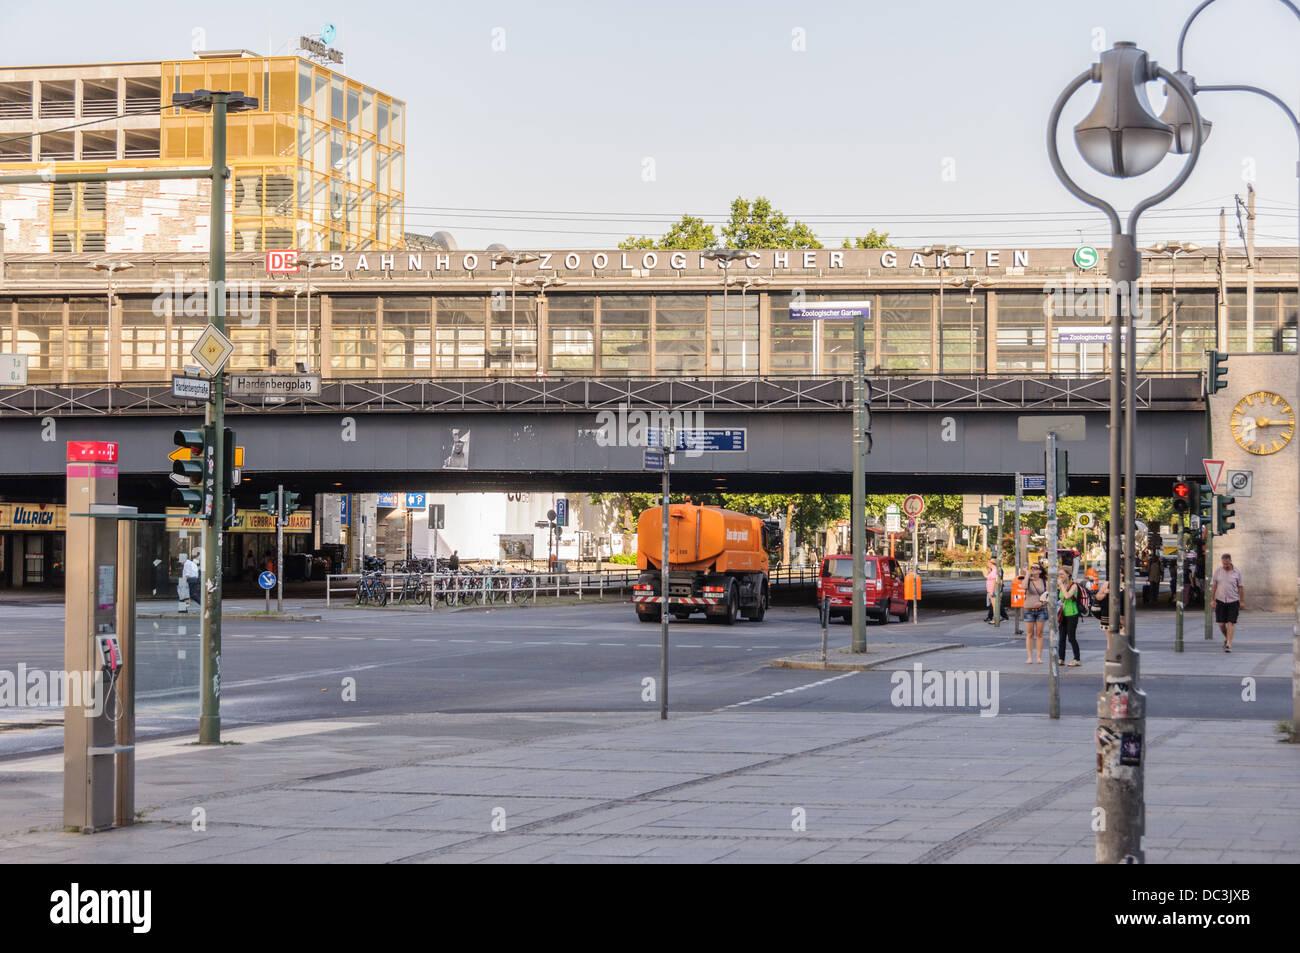 Bahnhof Zoologischer garten - Berlin Germany Stock Photo